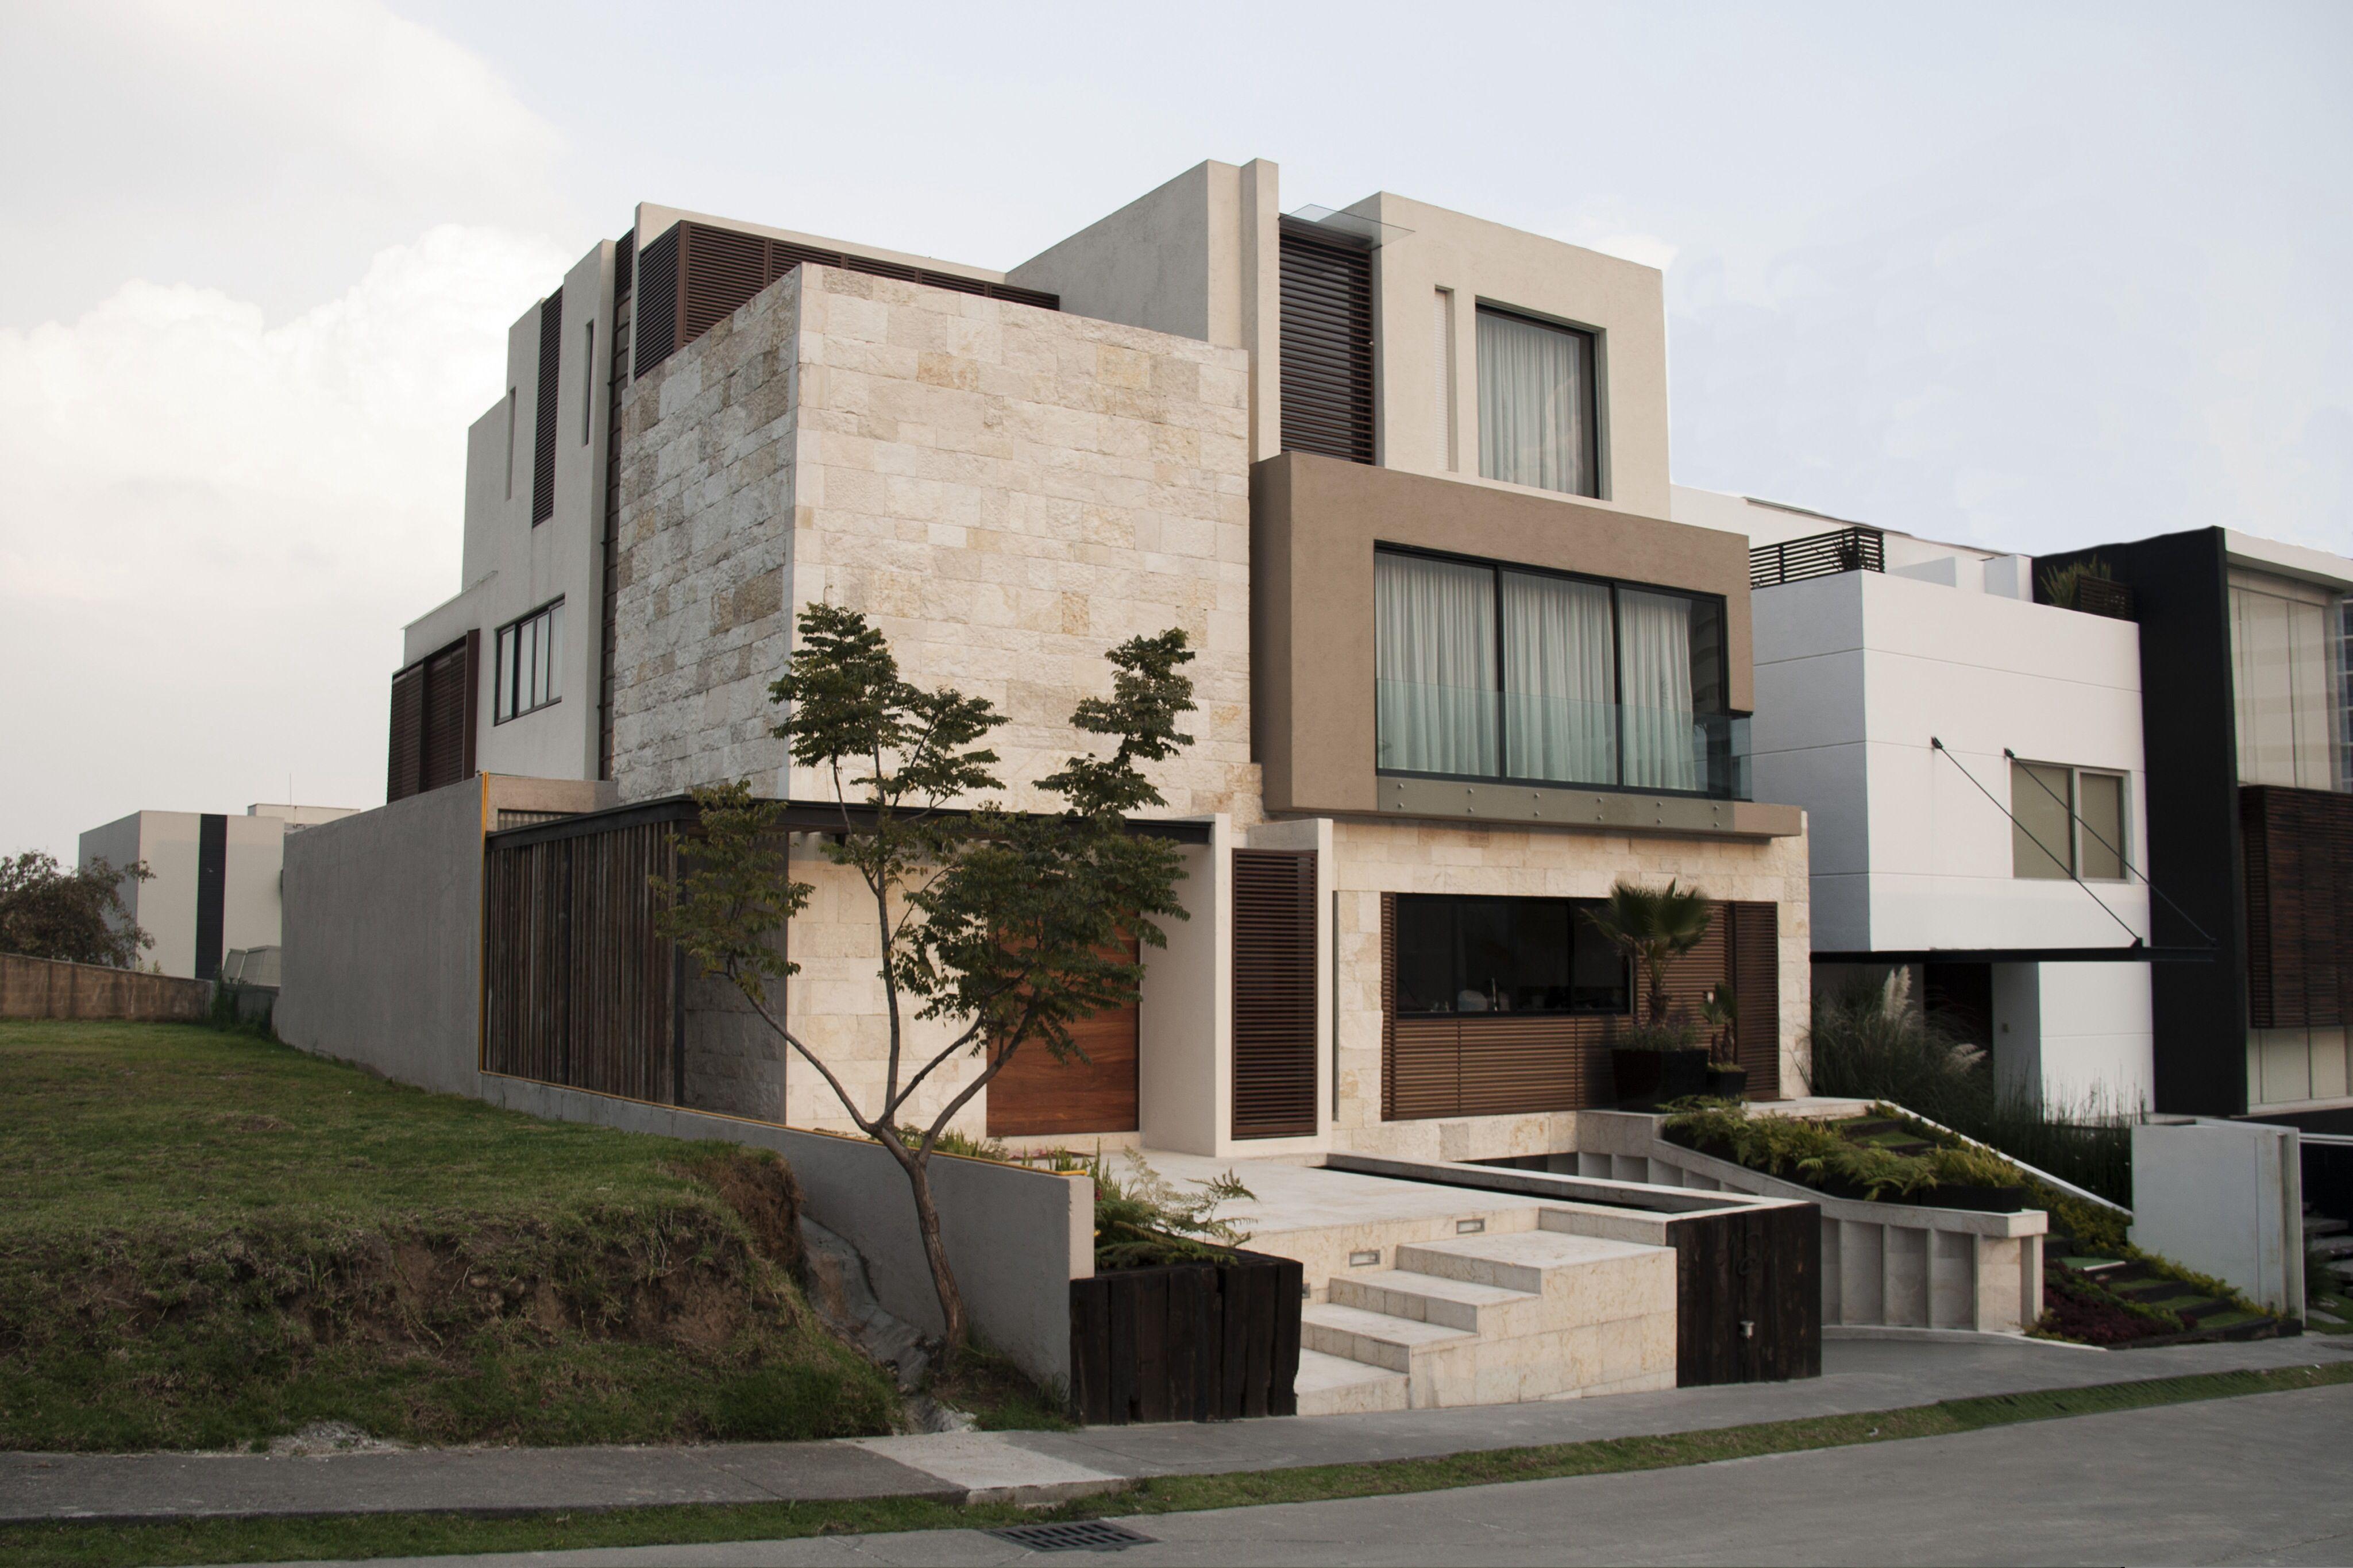 Casa ss fachada muros de piedra celosia de madera - Materiales fachadas modernas ...